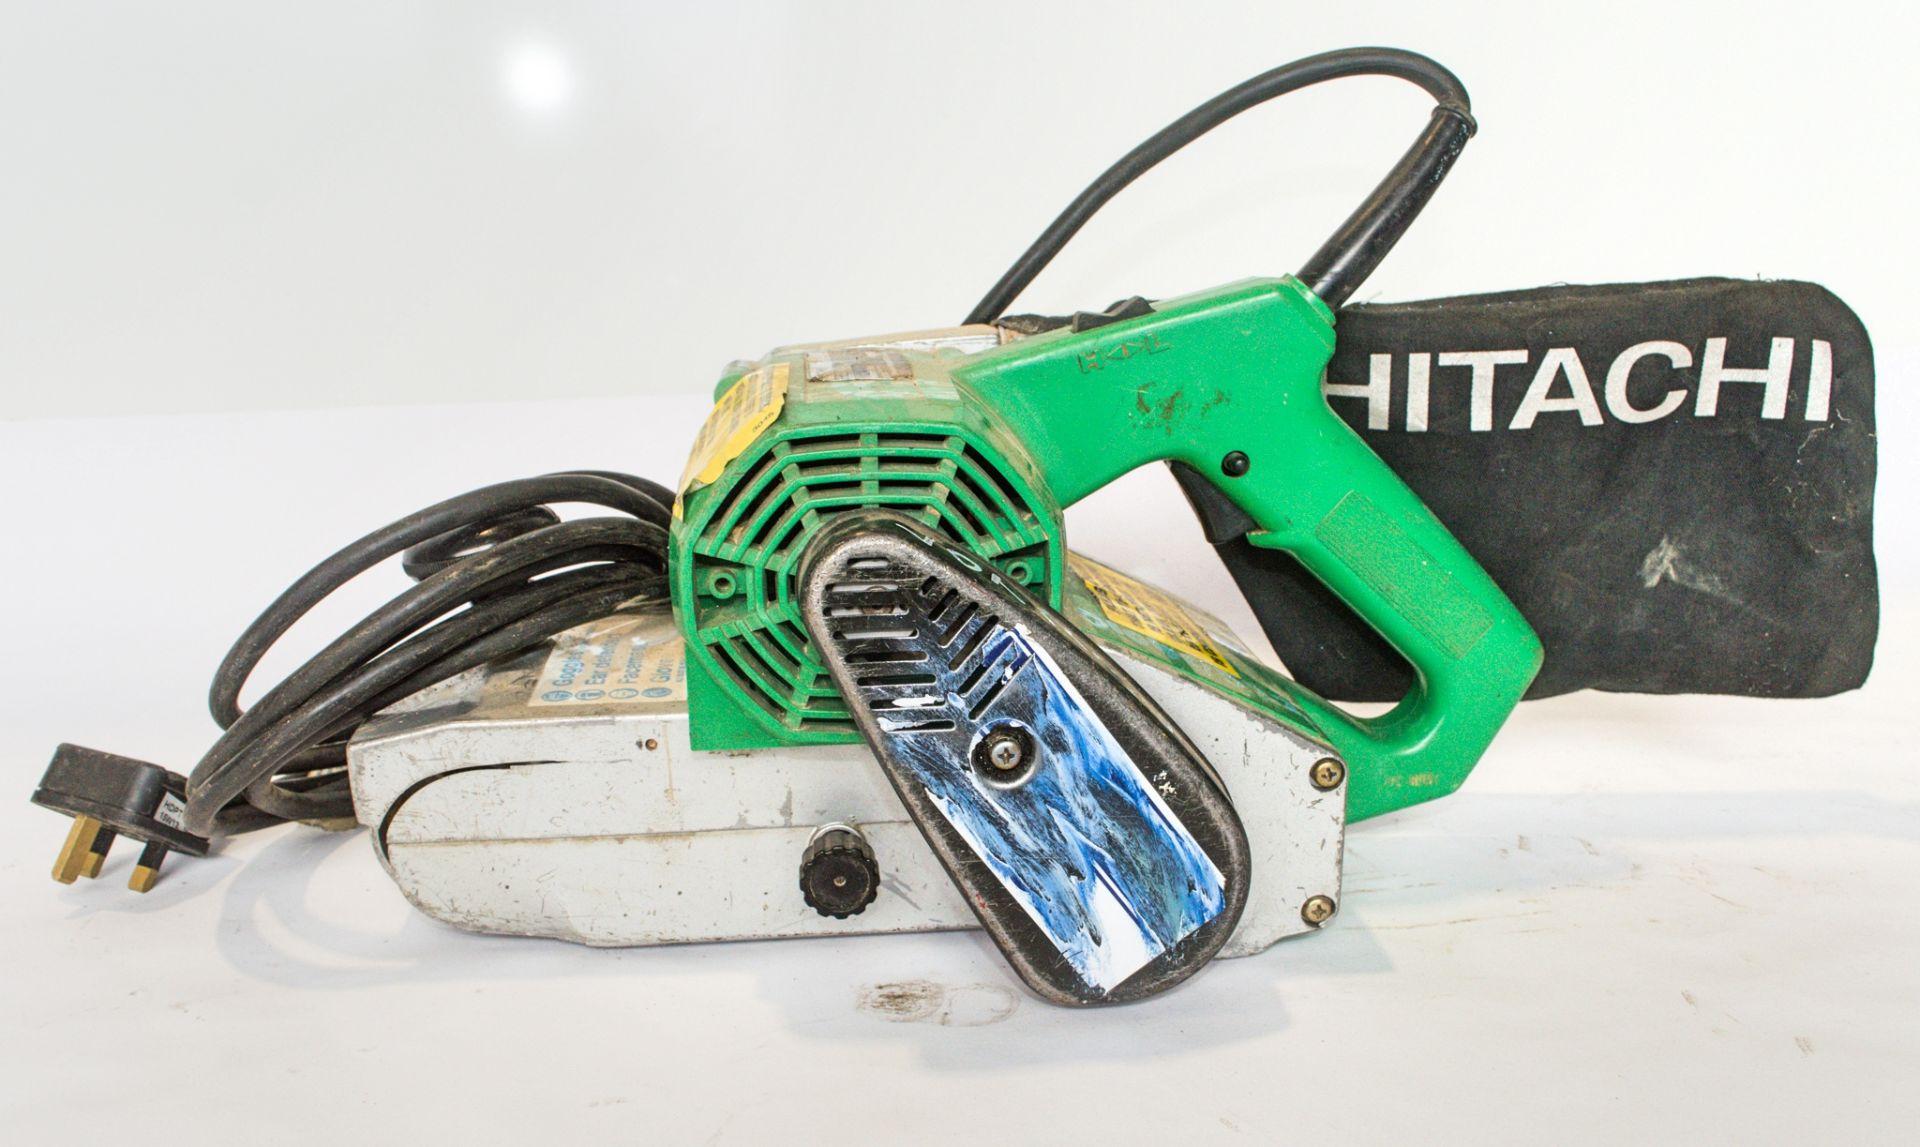 Lot 734 - Hitachi 110v belt sander